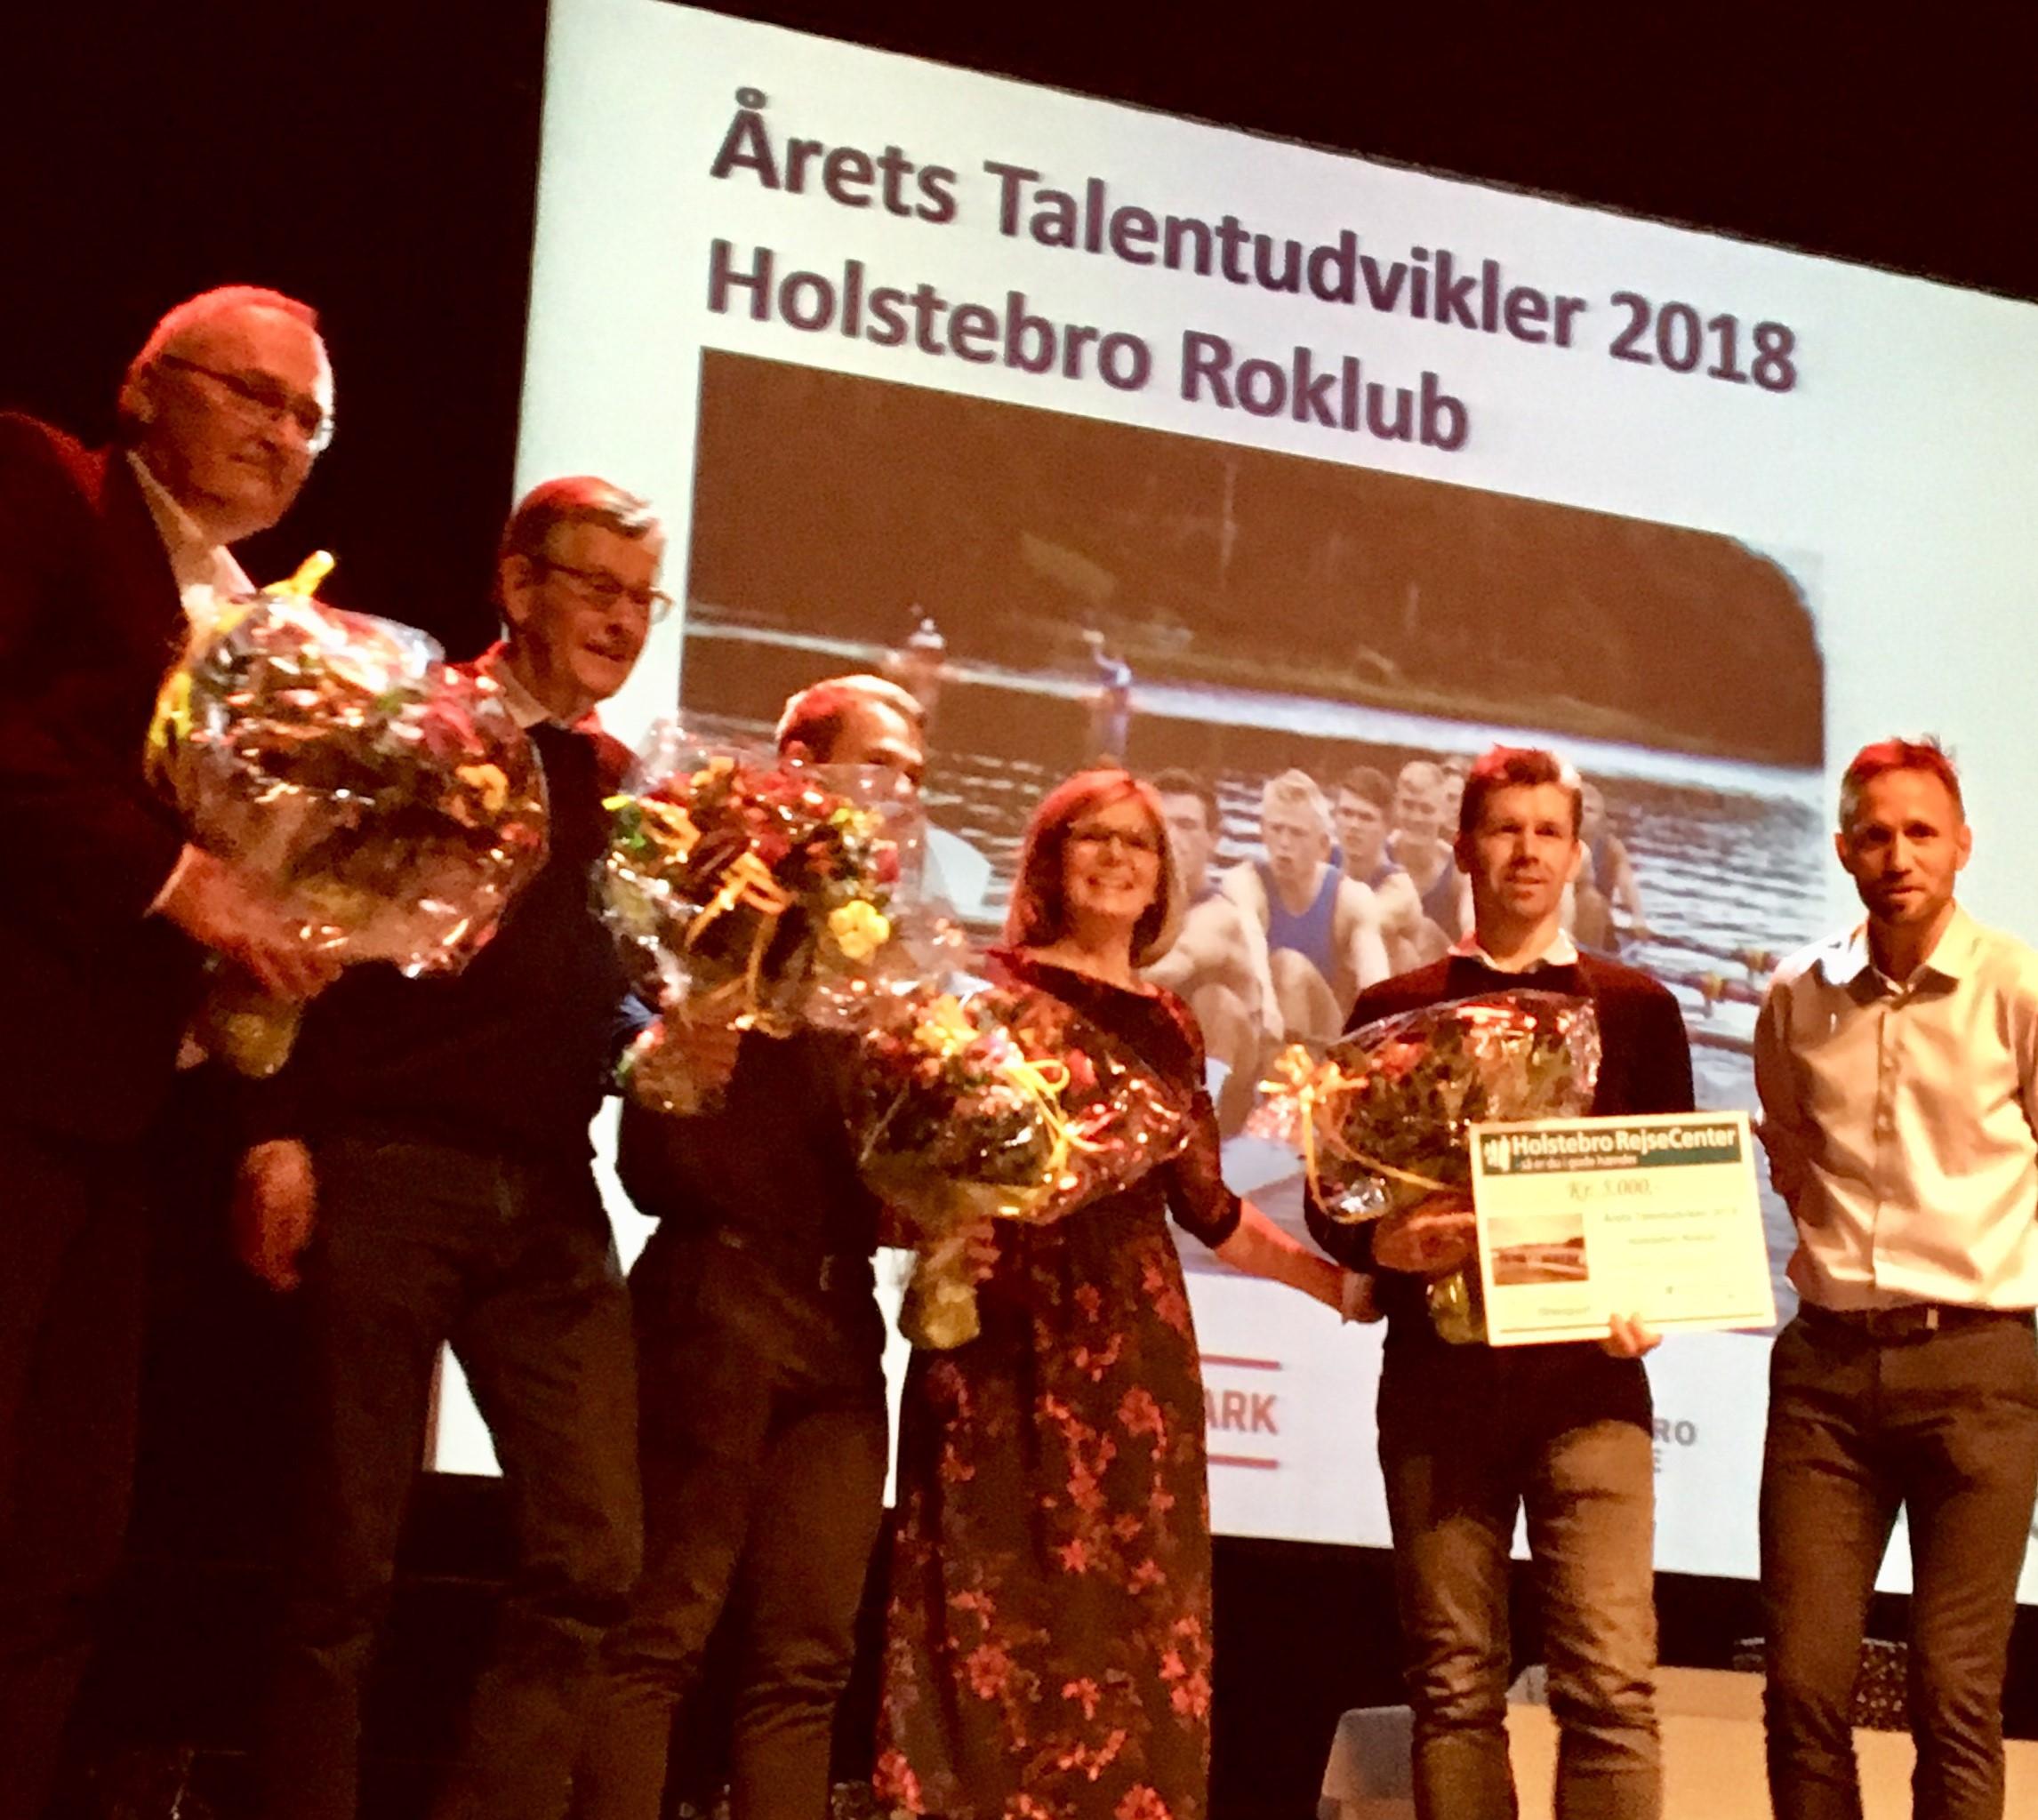 årets talentudvikler.jpg